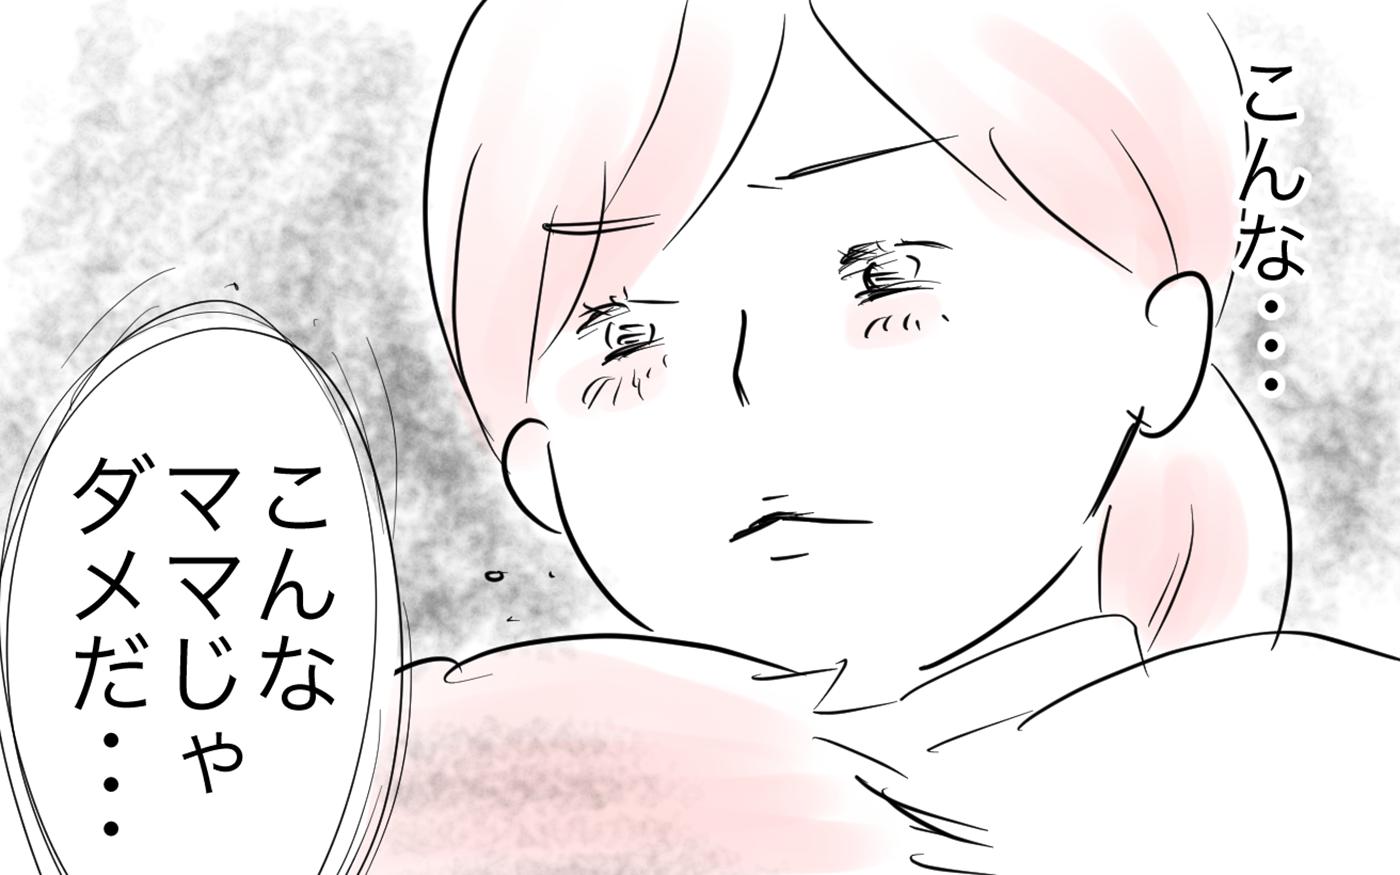 【新連載】幸せな生活のはずが…「こんなママでごめん」理想のママになりたいのに(1)